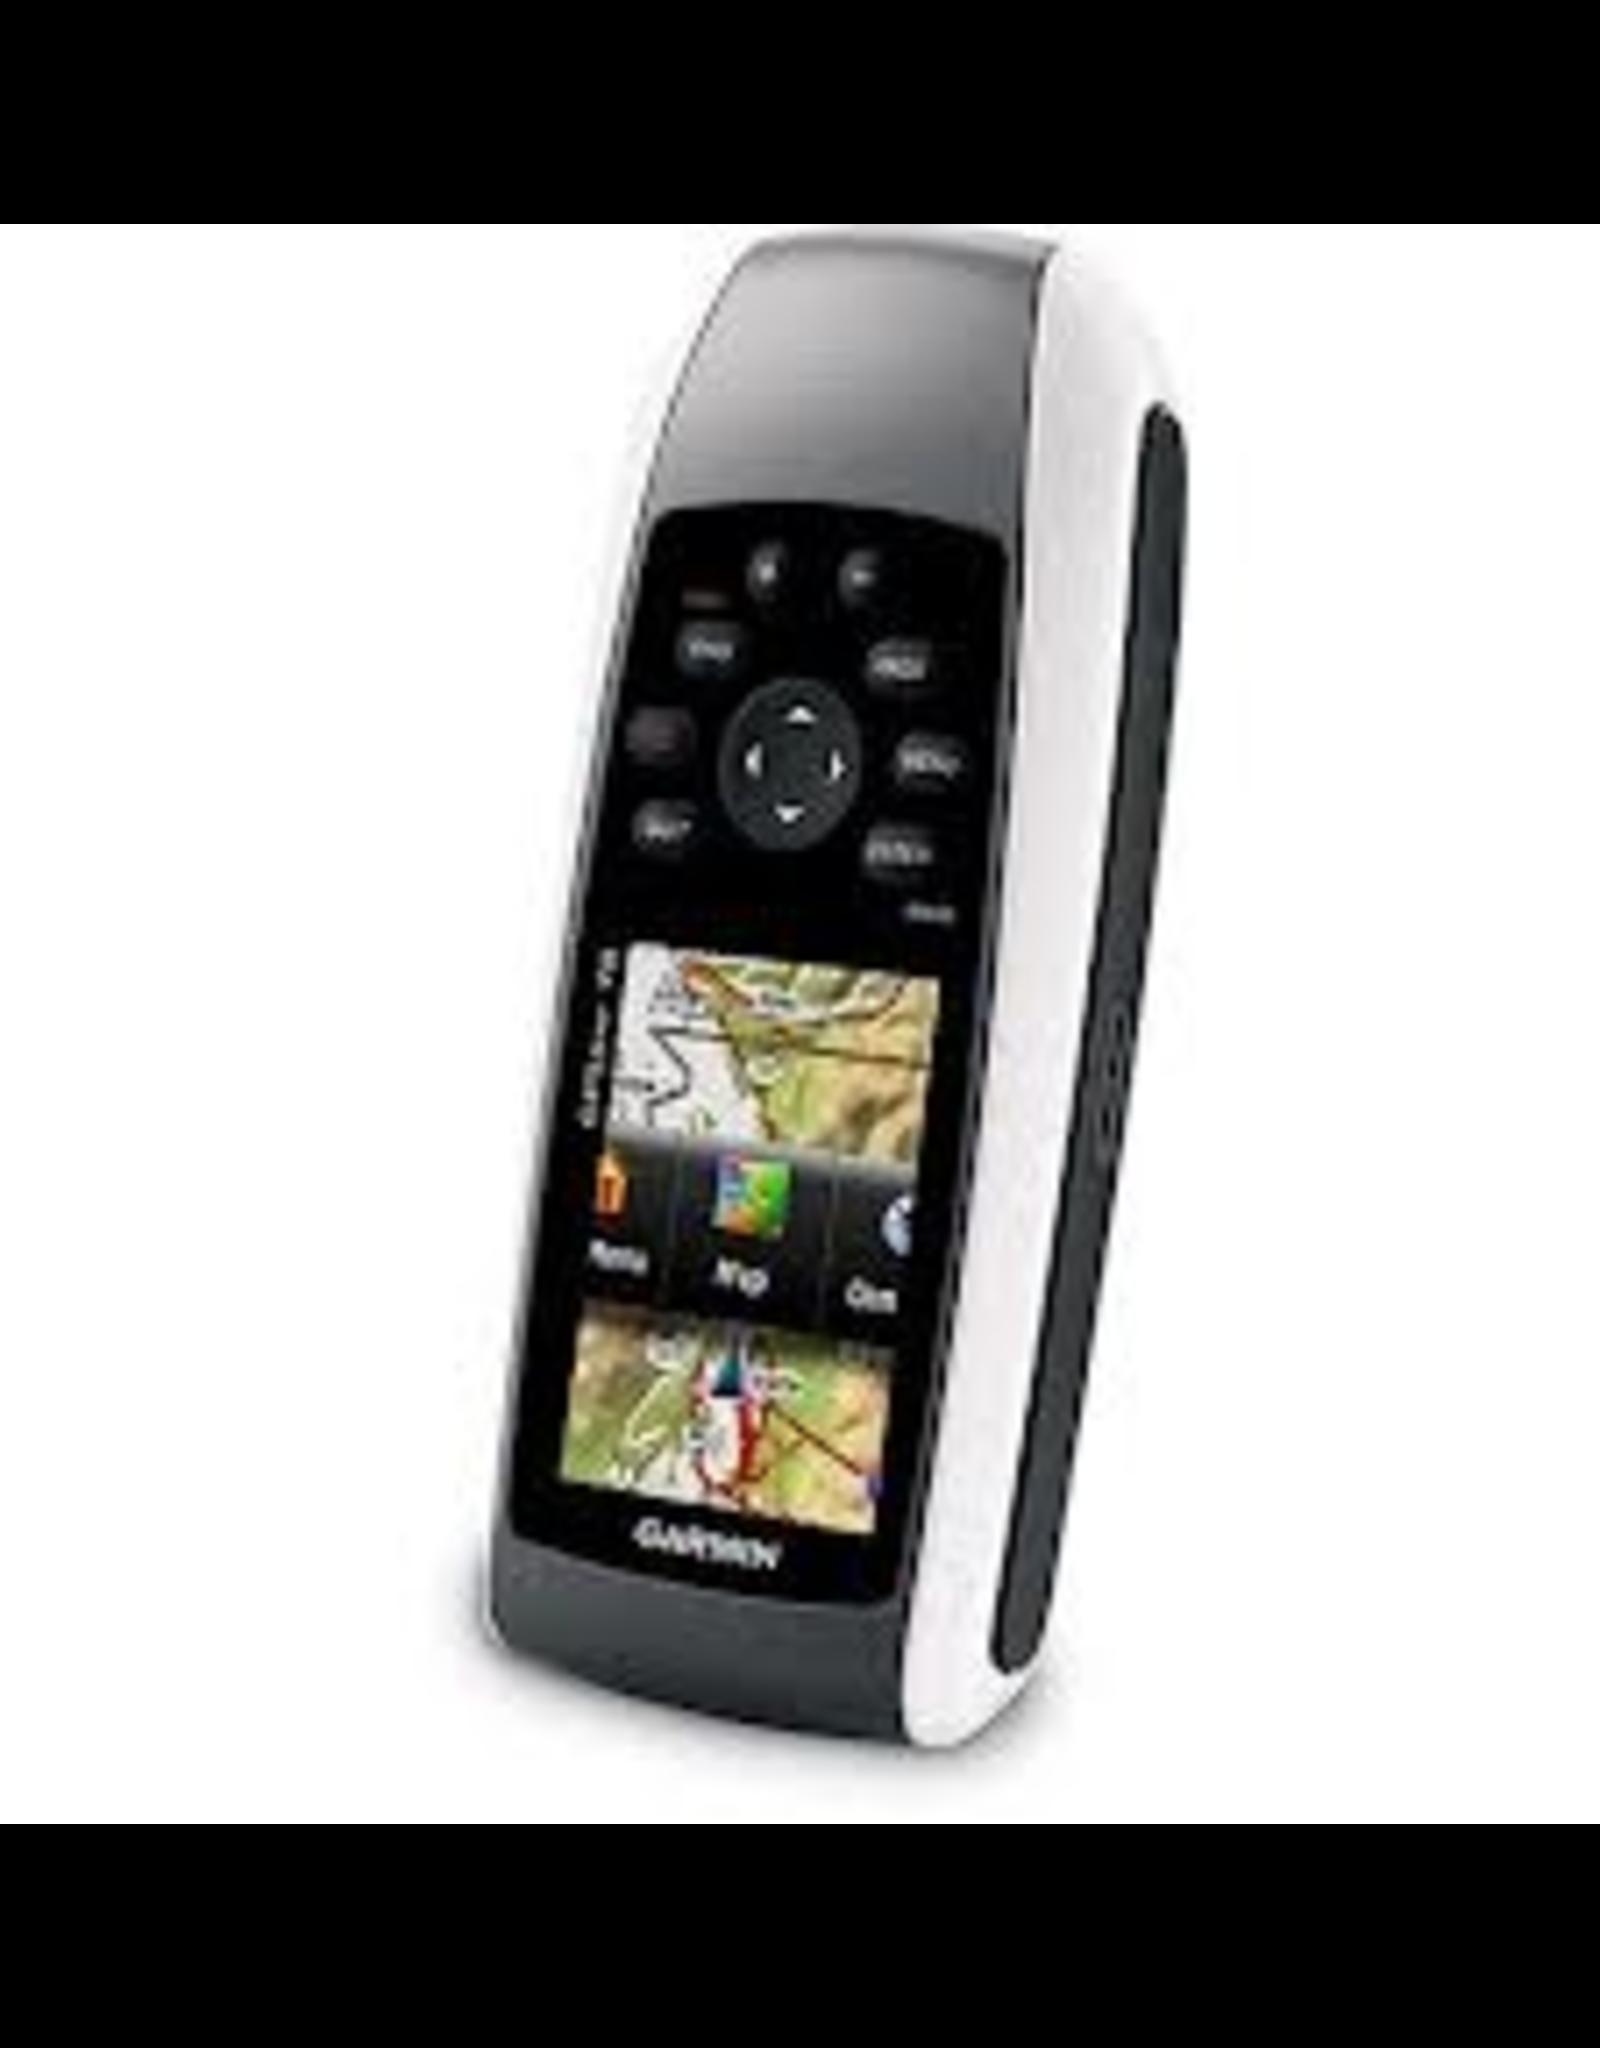 Garmin Garmin GPSMAP 78, Worldwide